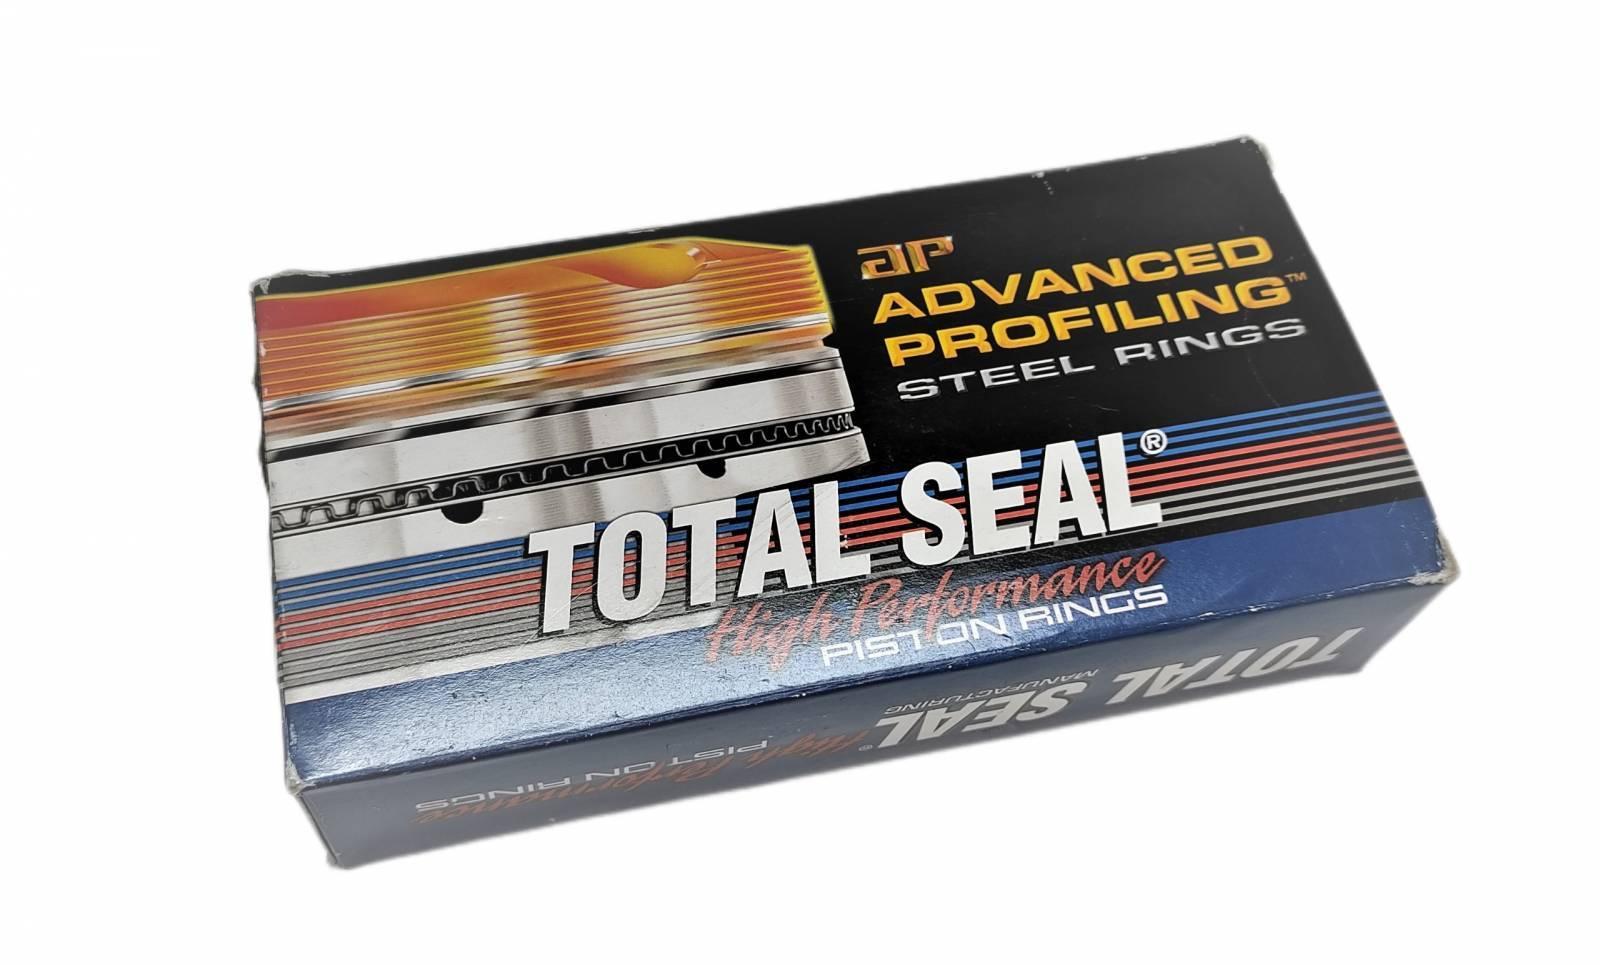 JOGO DE ANÉIS DE PISTÃO TOTAL SEAL 101,60MM GAPLESS V8           - EVOLUTION PERFORMANCE